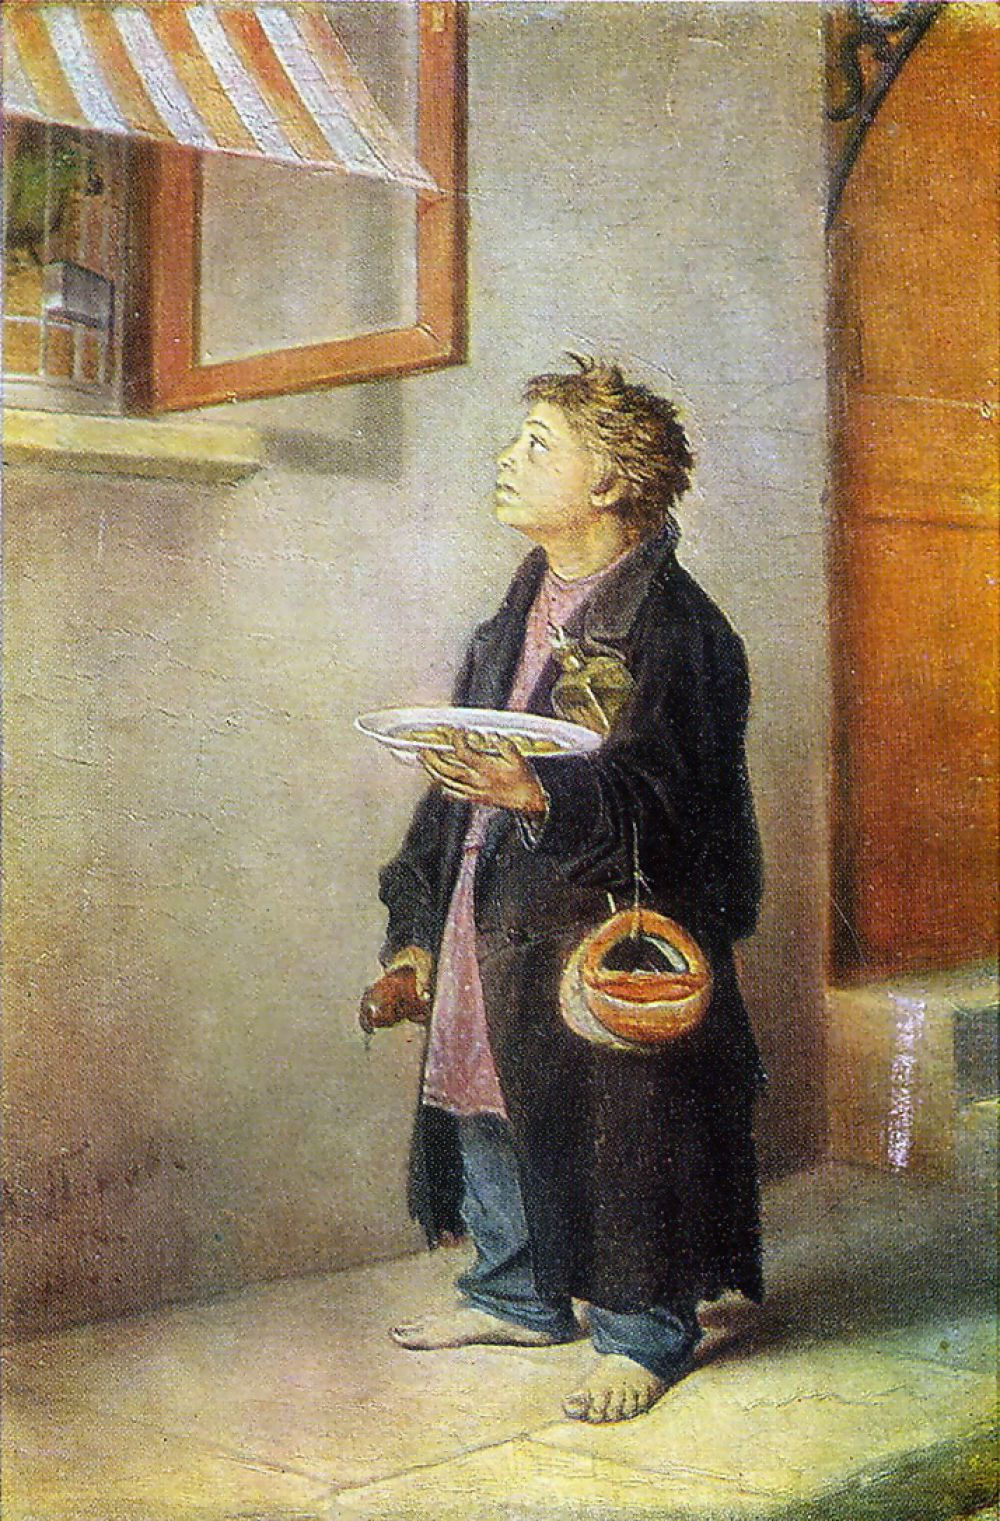 Семья Перова переехала в Арзамас,  здесь мальчик закончил уездное училище и Арзамасскую художественную школе А.В. Ступина. Неизгладимый след на всем творчестве Перова оставили впечатления, вызванные закрепощенной деревней, где жил художник вместе со своим отцом в родовом имении.